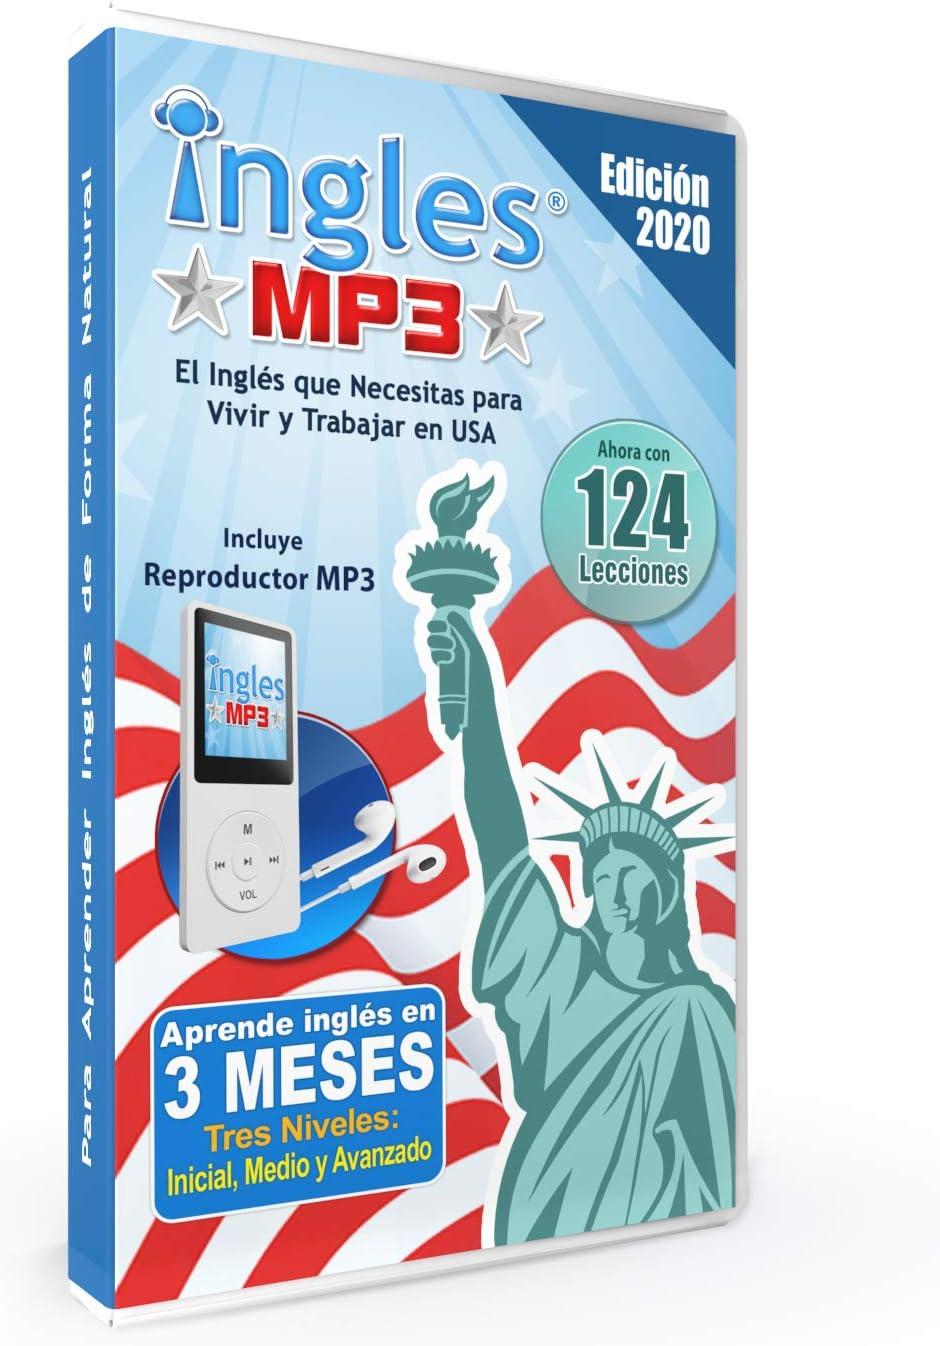 Curso De Ingles Mp3 Aprende Ingles En 3 Meses Curso De Ingles Incluye Reproductor Mp3 Compacto Con 124 Lecciones Libro Guía Office Products